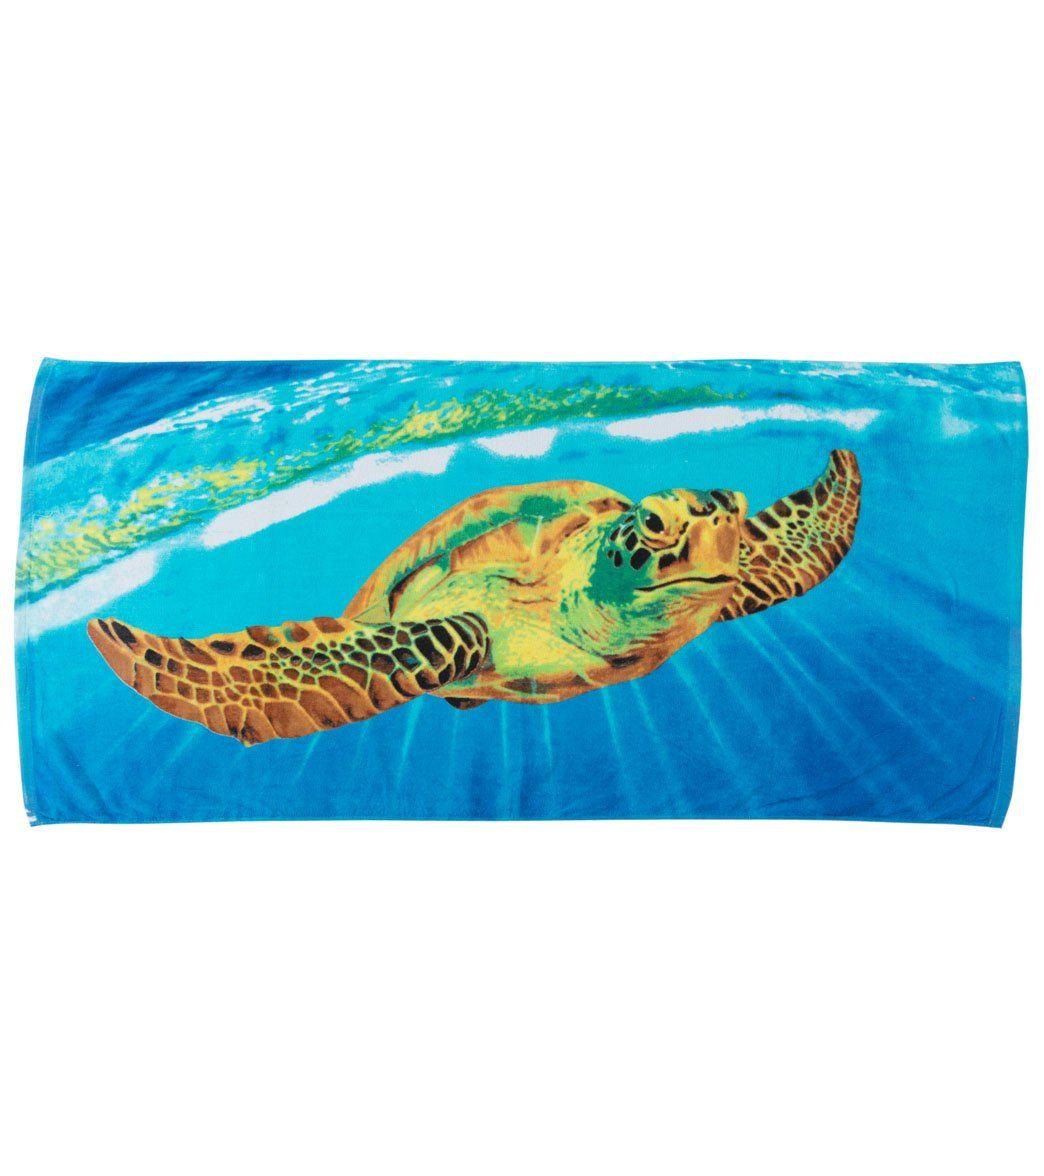 Turtle towel turtle towel sea turtle print swim towel